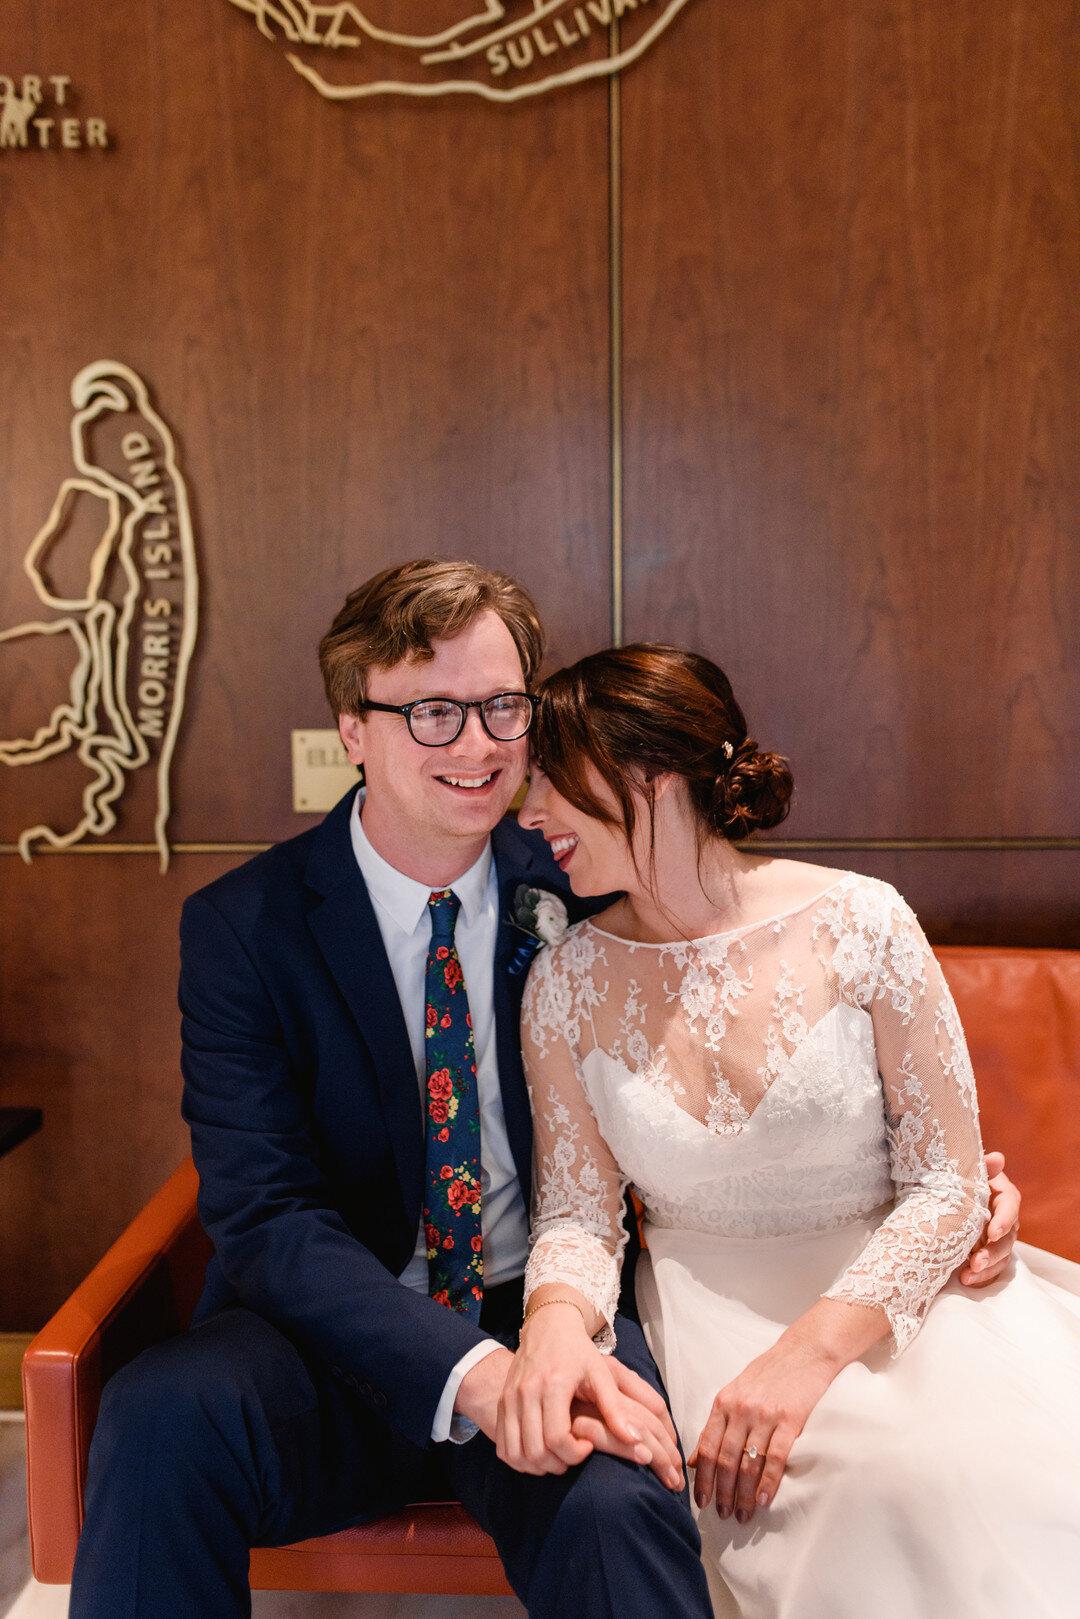 dewberry-hotel-wedding-11.JPG